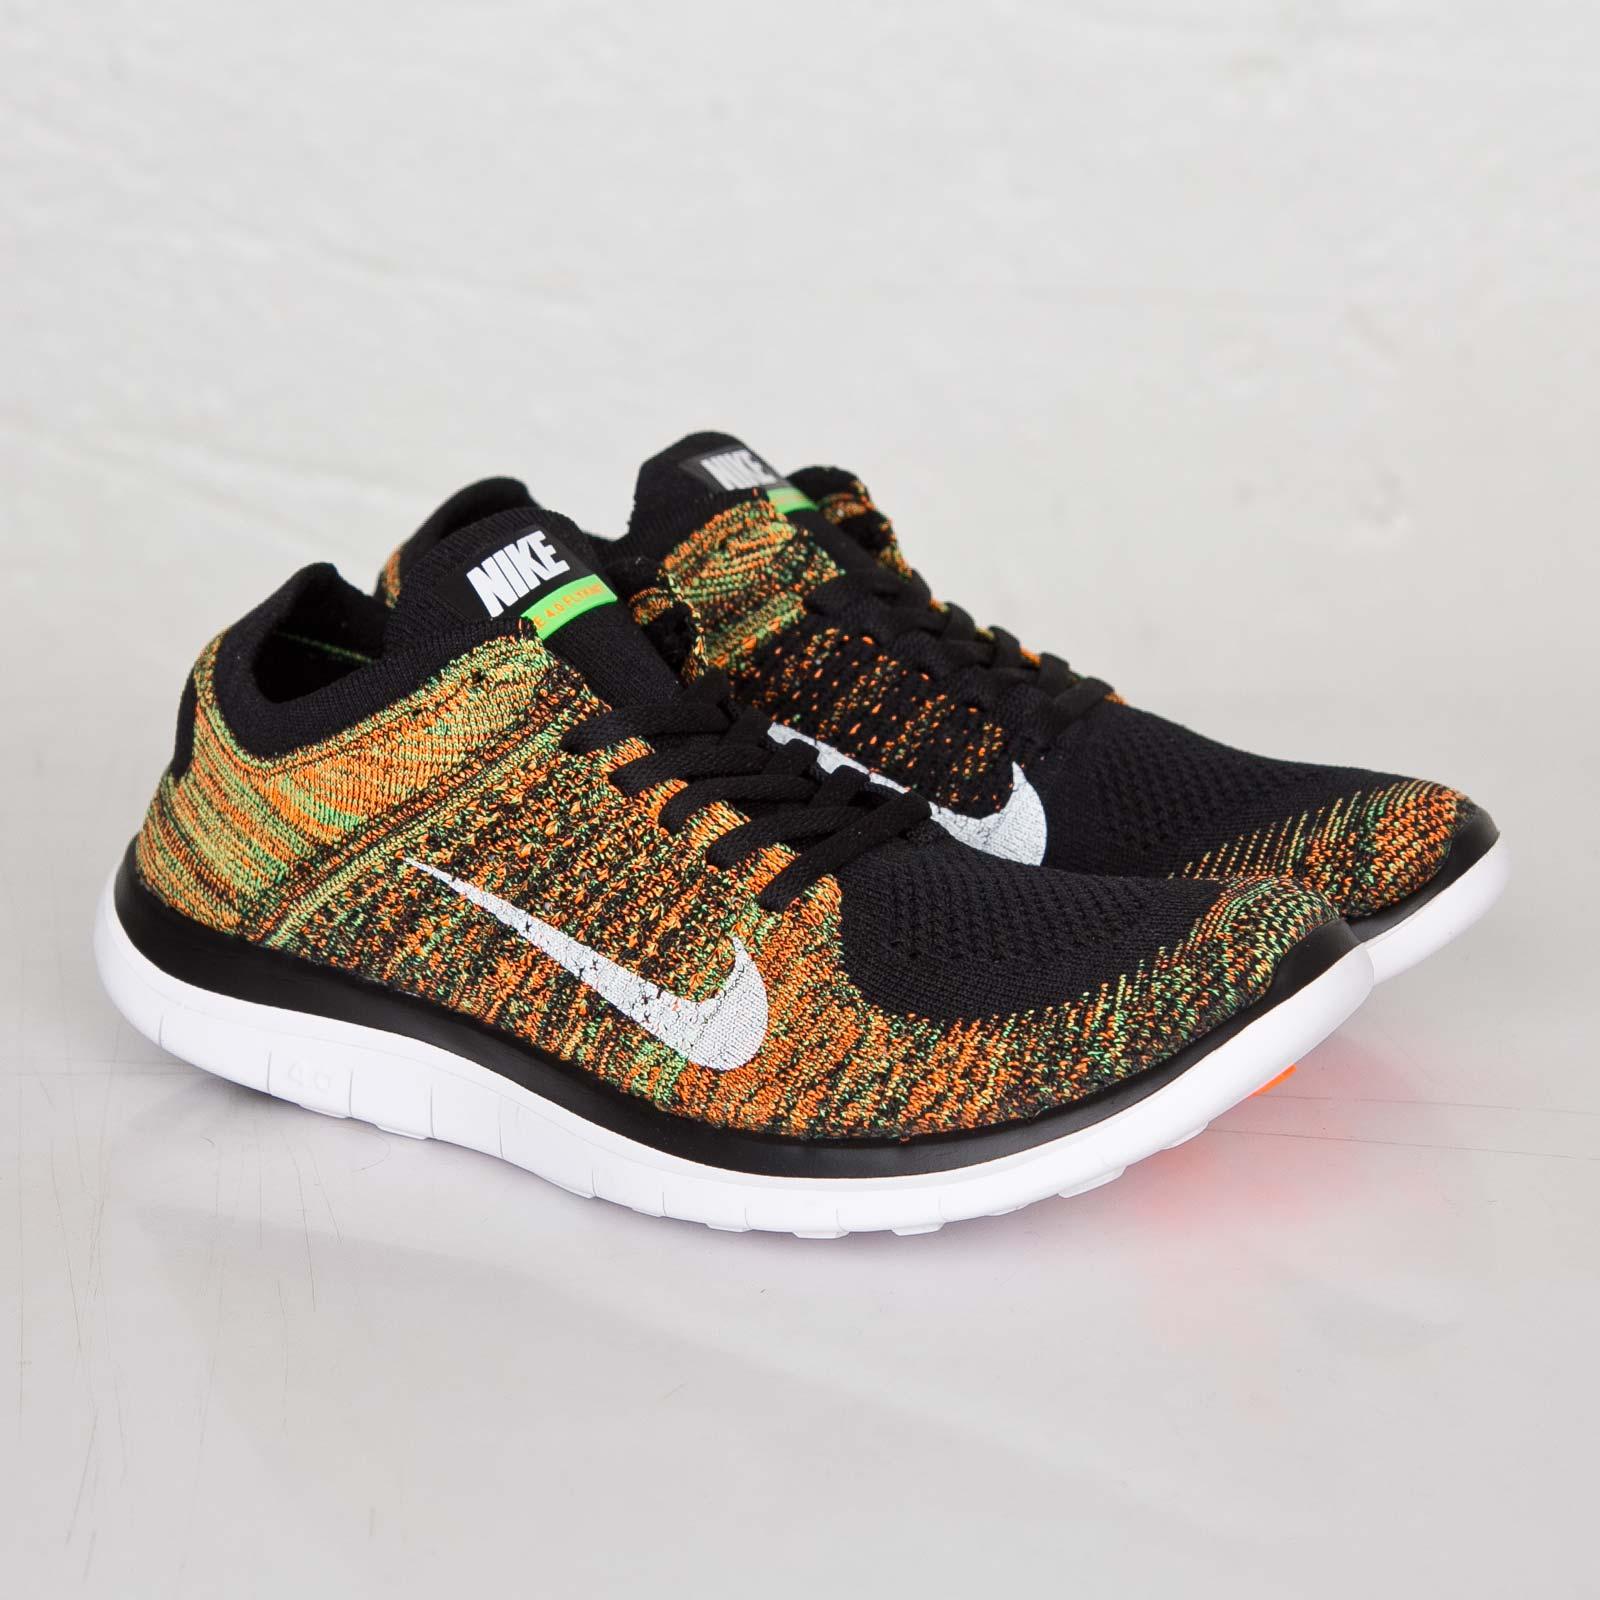 744b1f754f15 Nike Free 4.0 Flyknit - 631053-006 - Sneakersnstuff